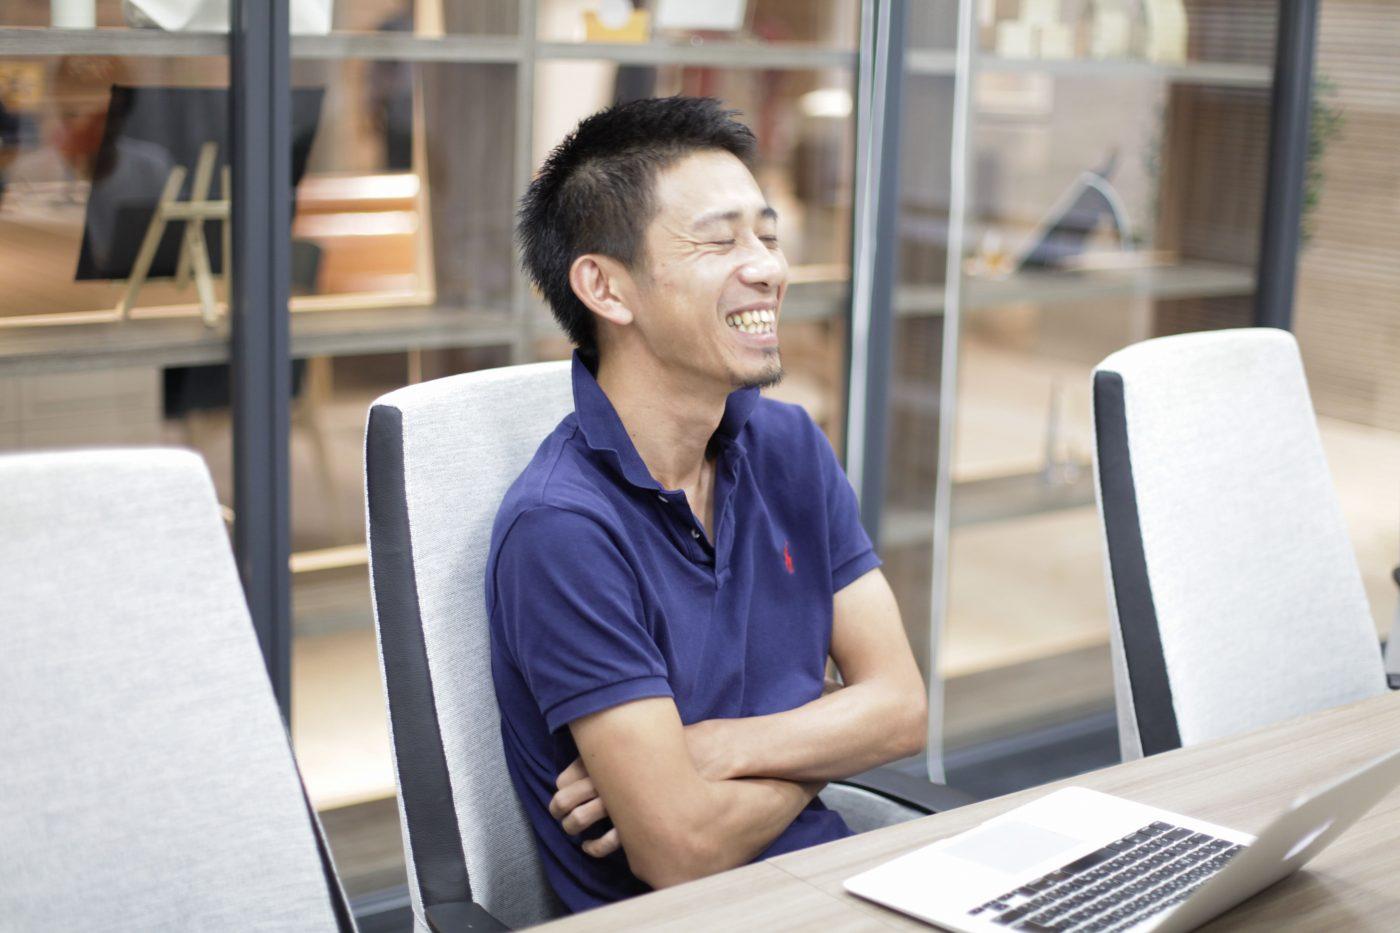 入社から3年後、起業すること以外、事業ドメインはまったく決めずに退職した。